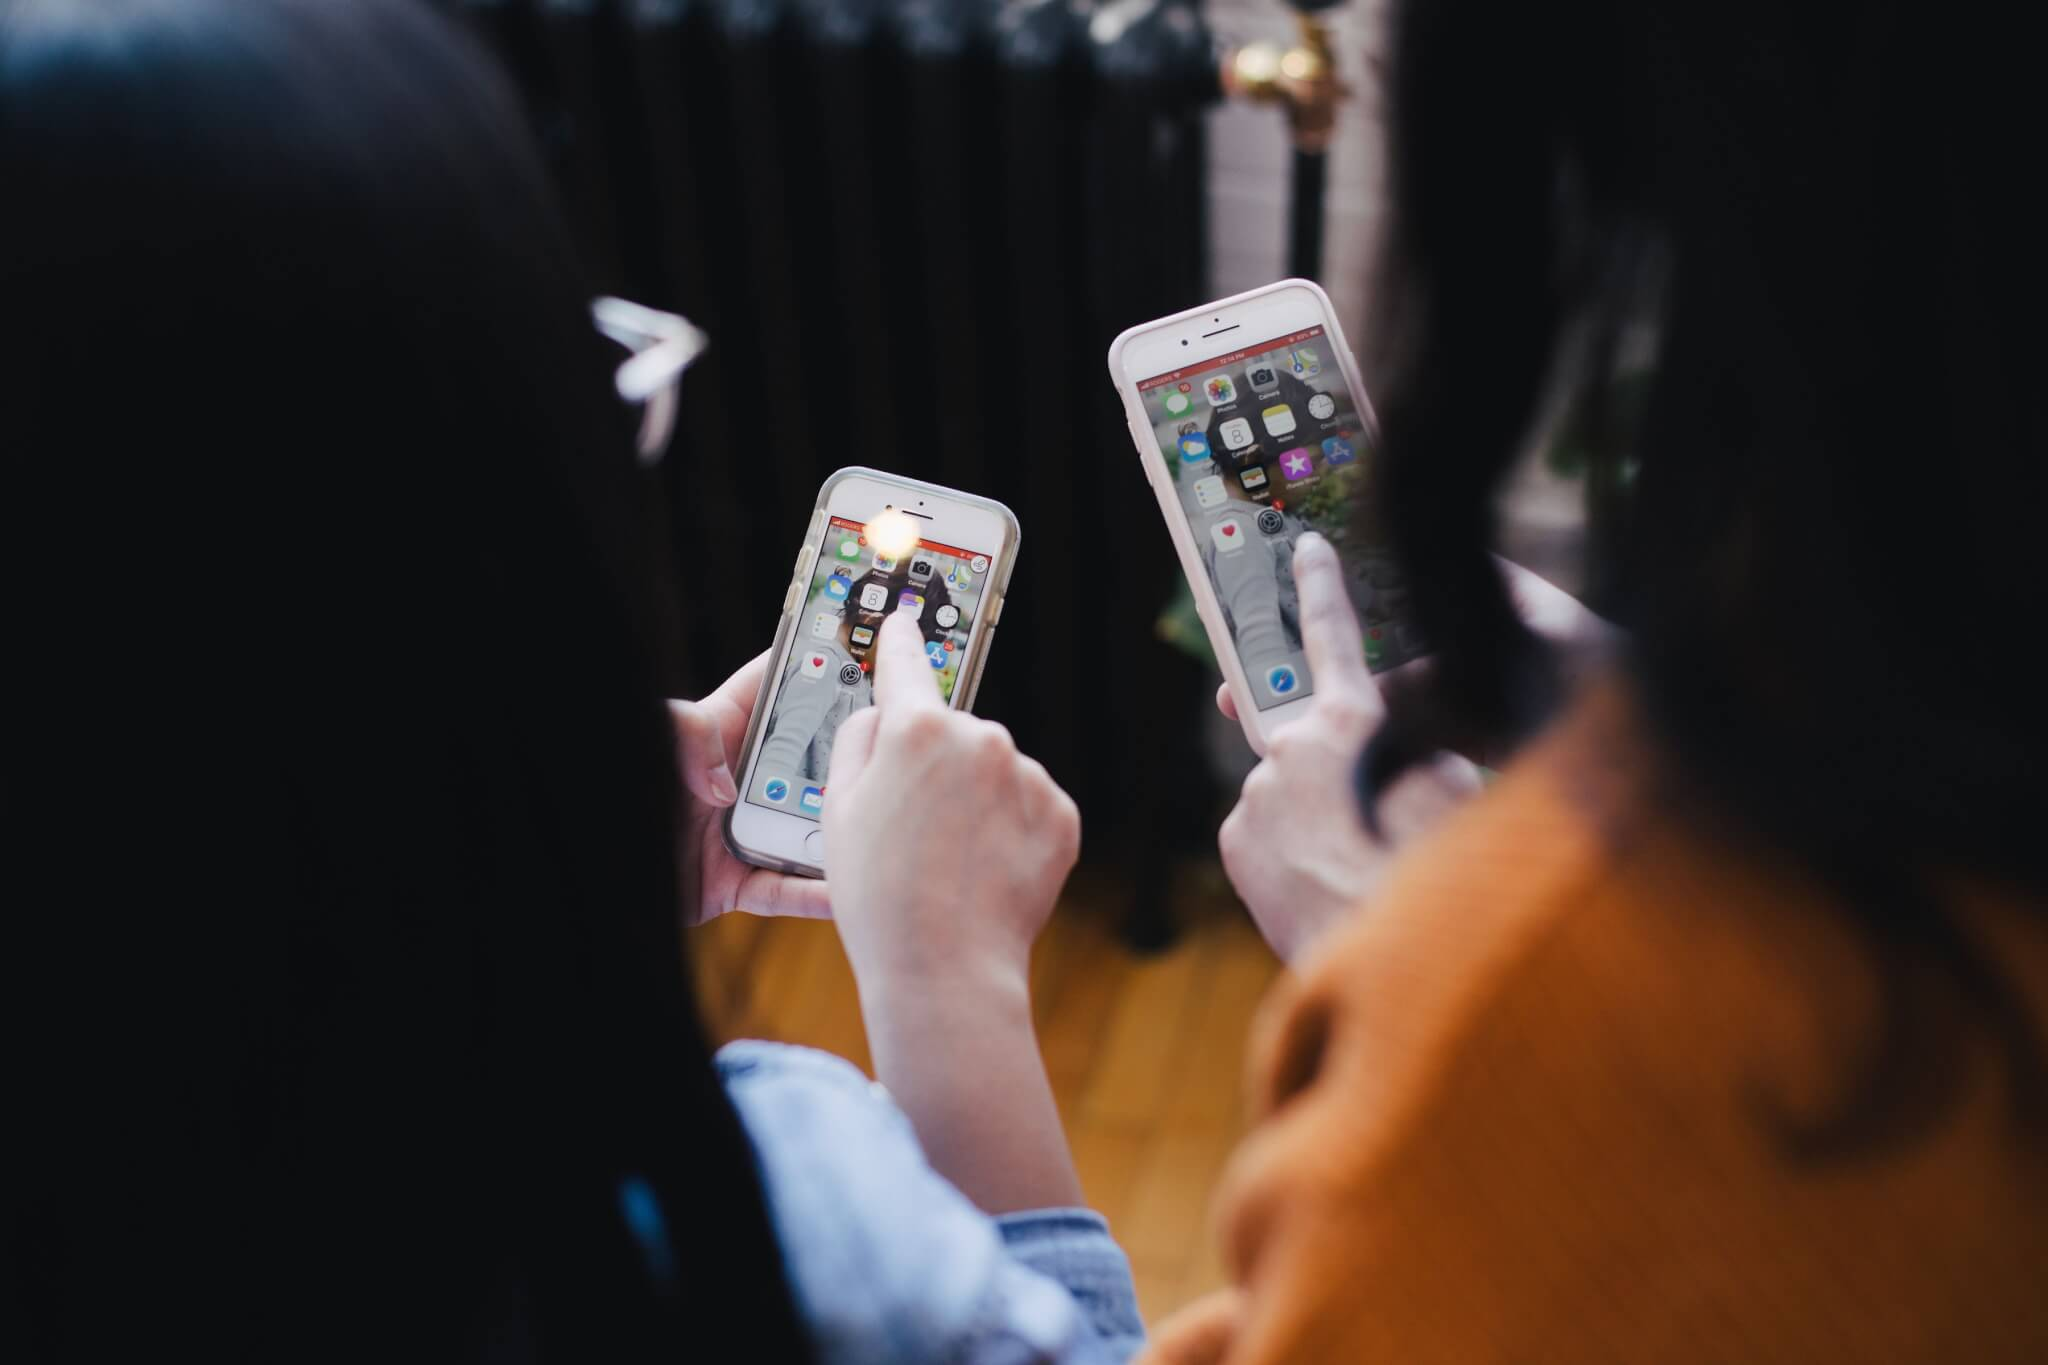 Zdarma americká mobilní seznamka